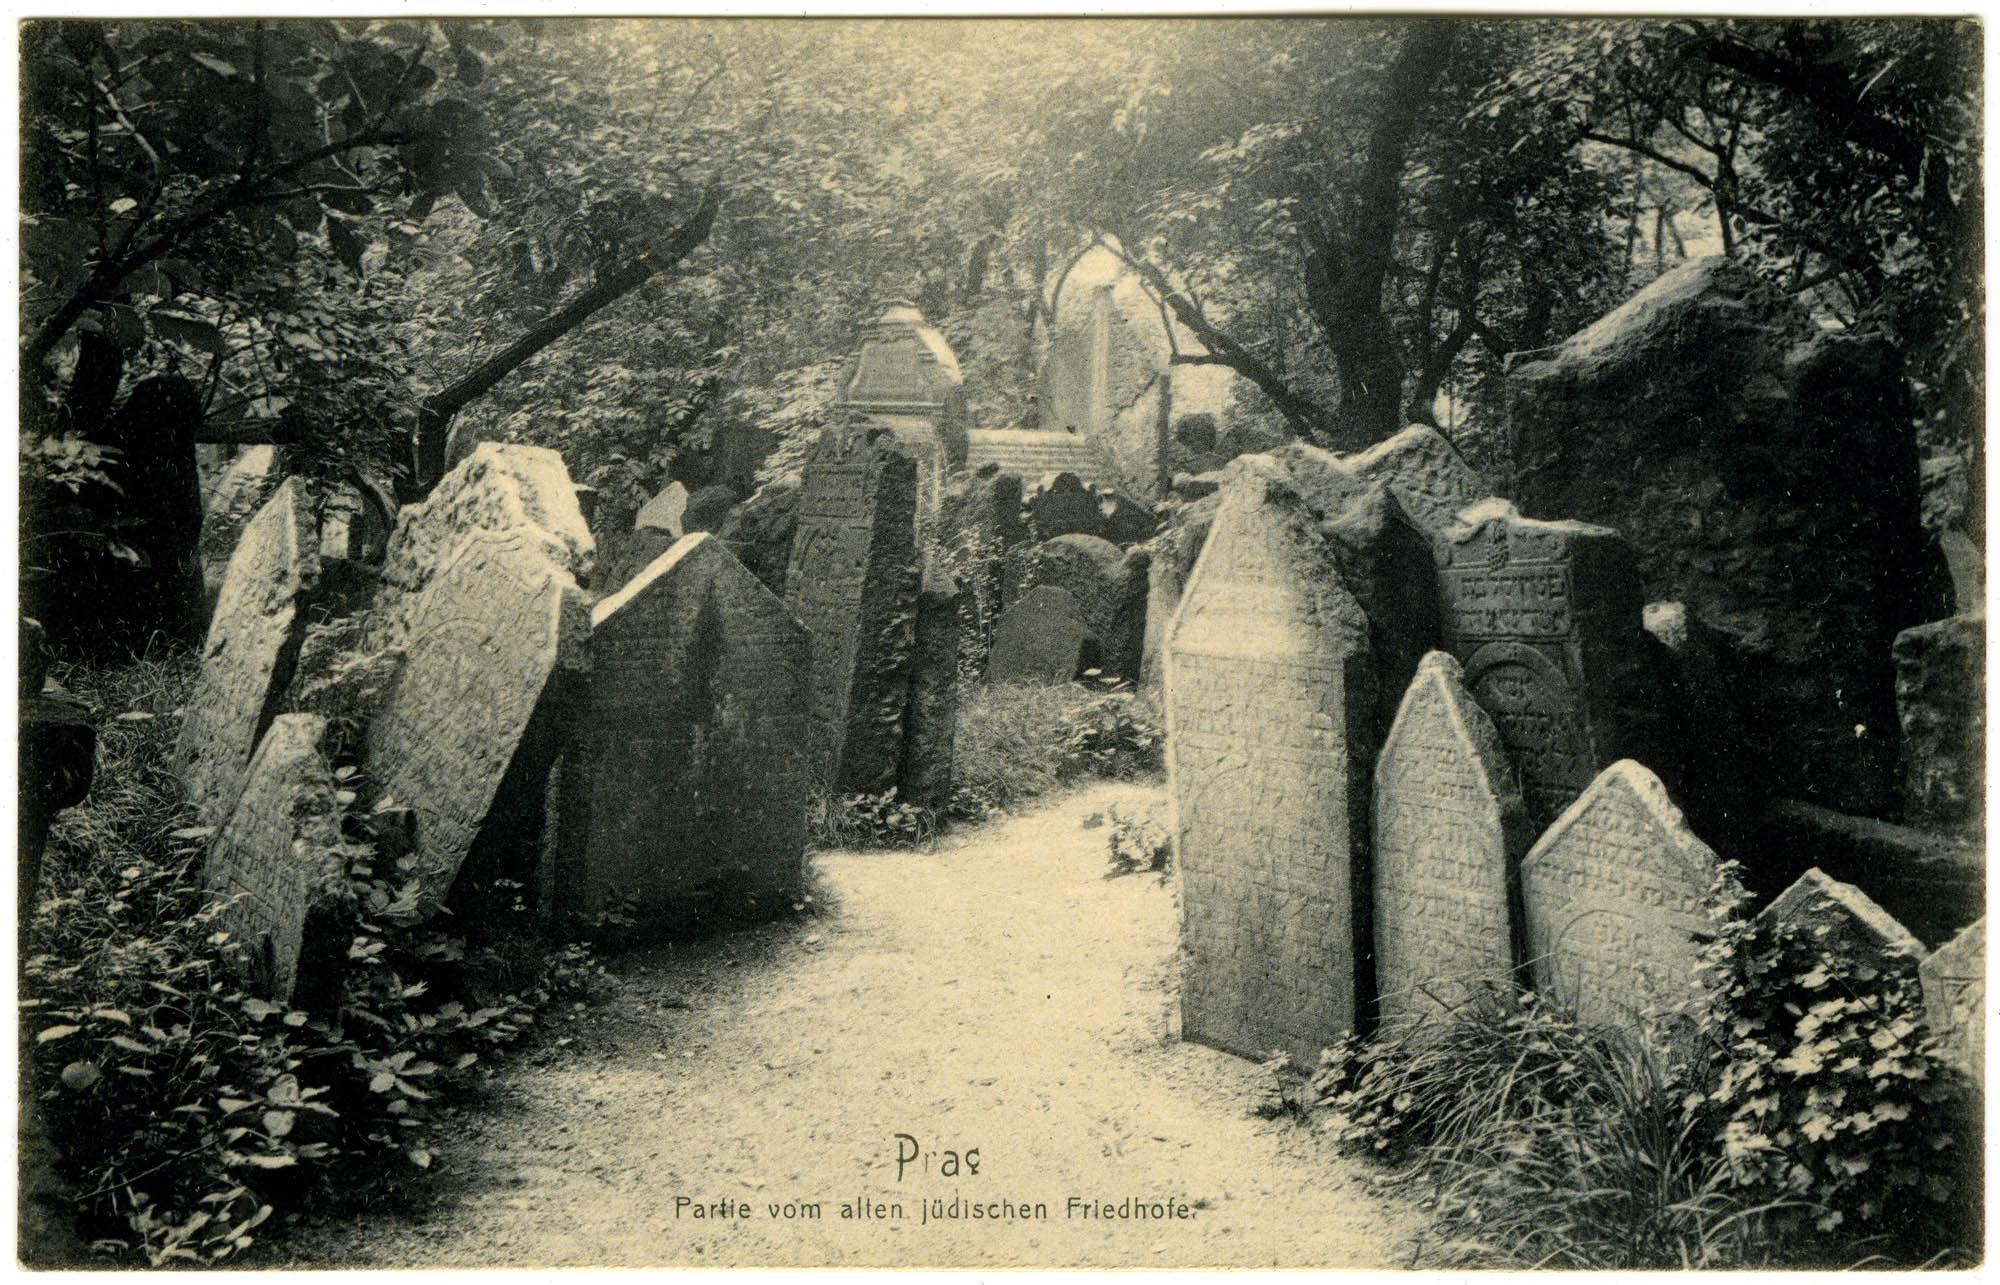 Prag, Partie vom alten jüdischen Friedhofe